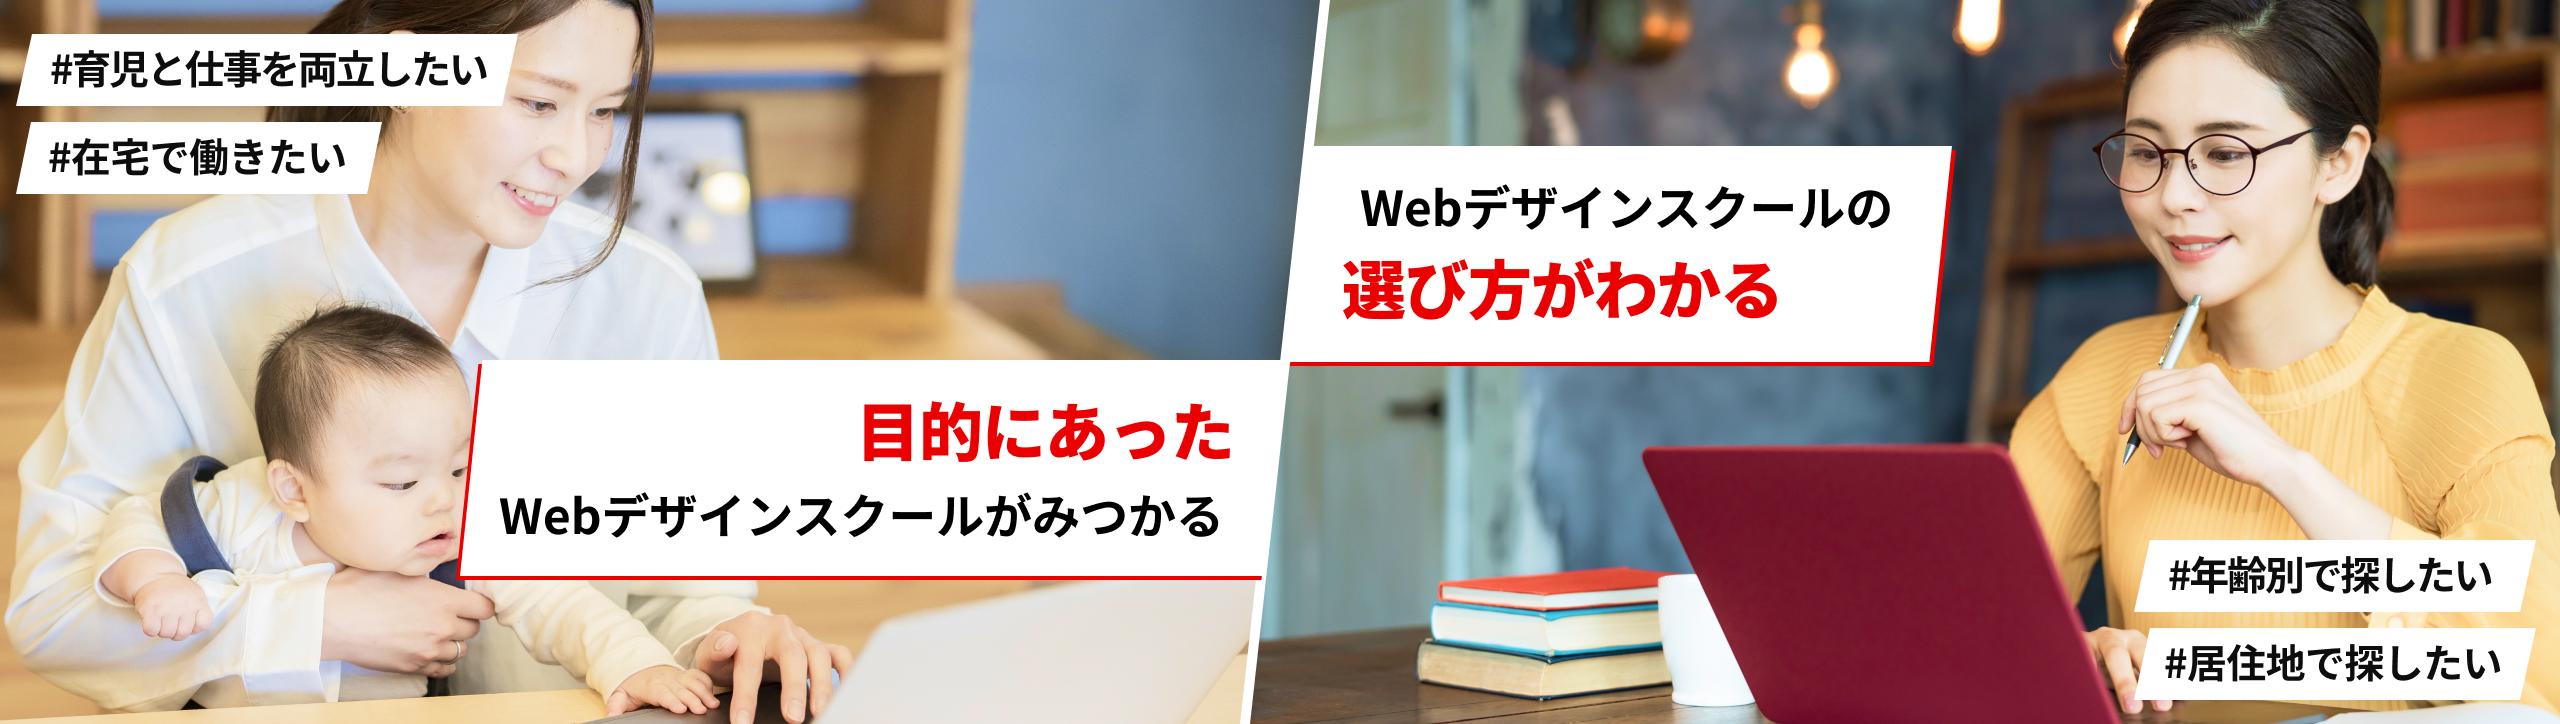 目的にあったWebデザインスクールがみつかる 年齢別で探したい 住居別で探したい